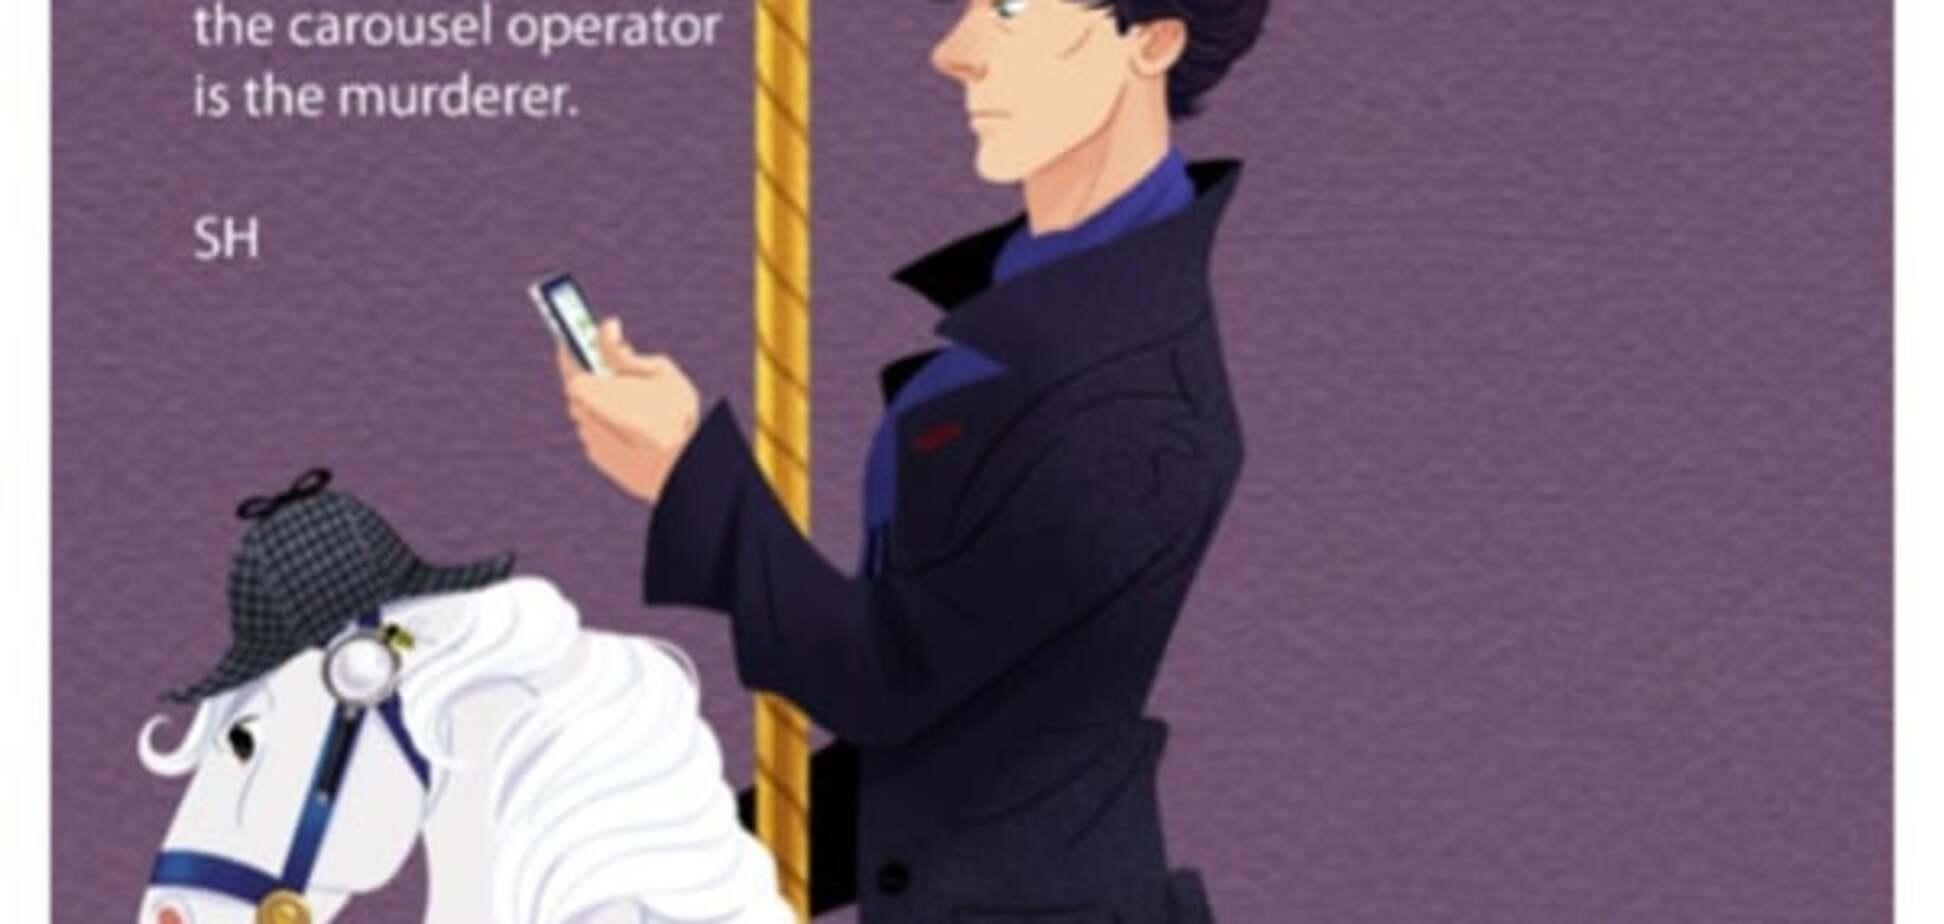 Веселая карусель: персонажей сериала 'Шерлок' превратили в мультик